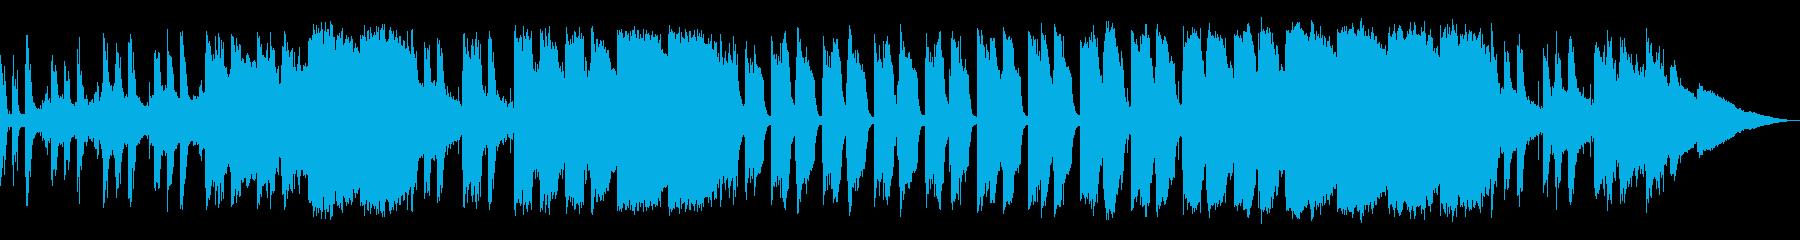 アンビエントなジブリ風サウンドの再生済みの波形